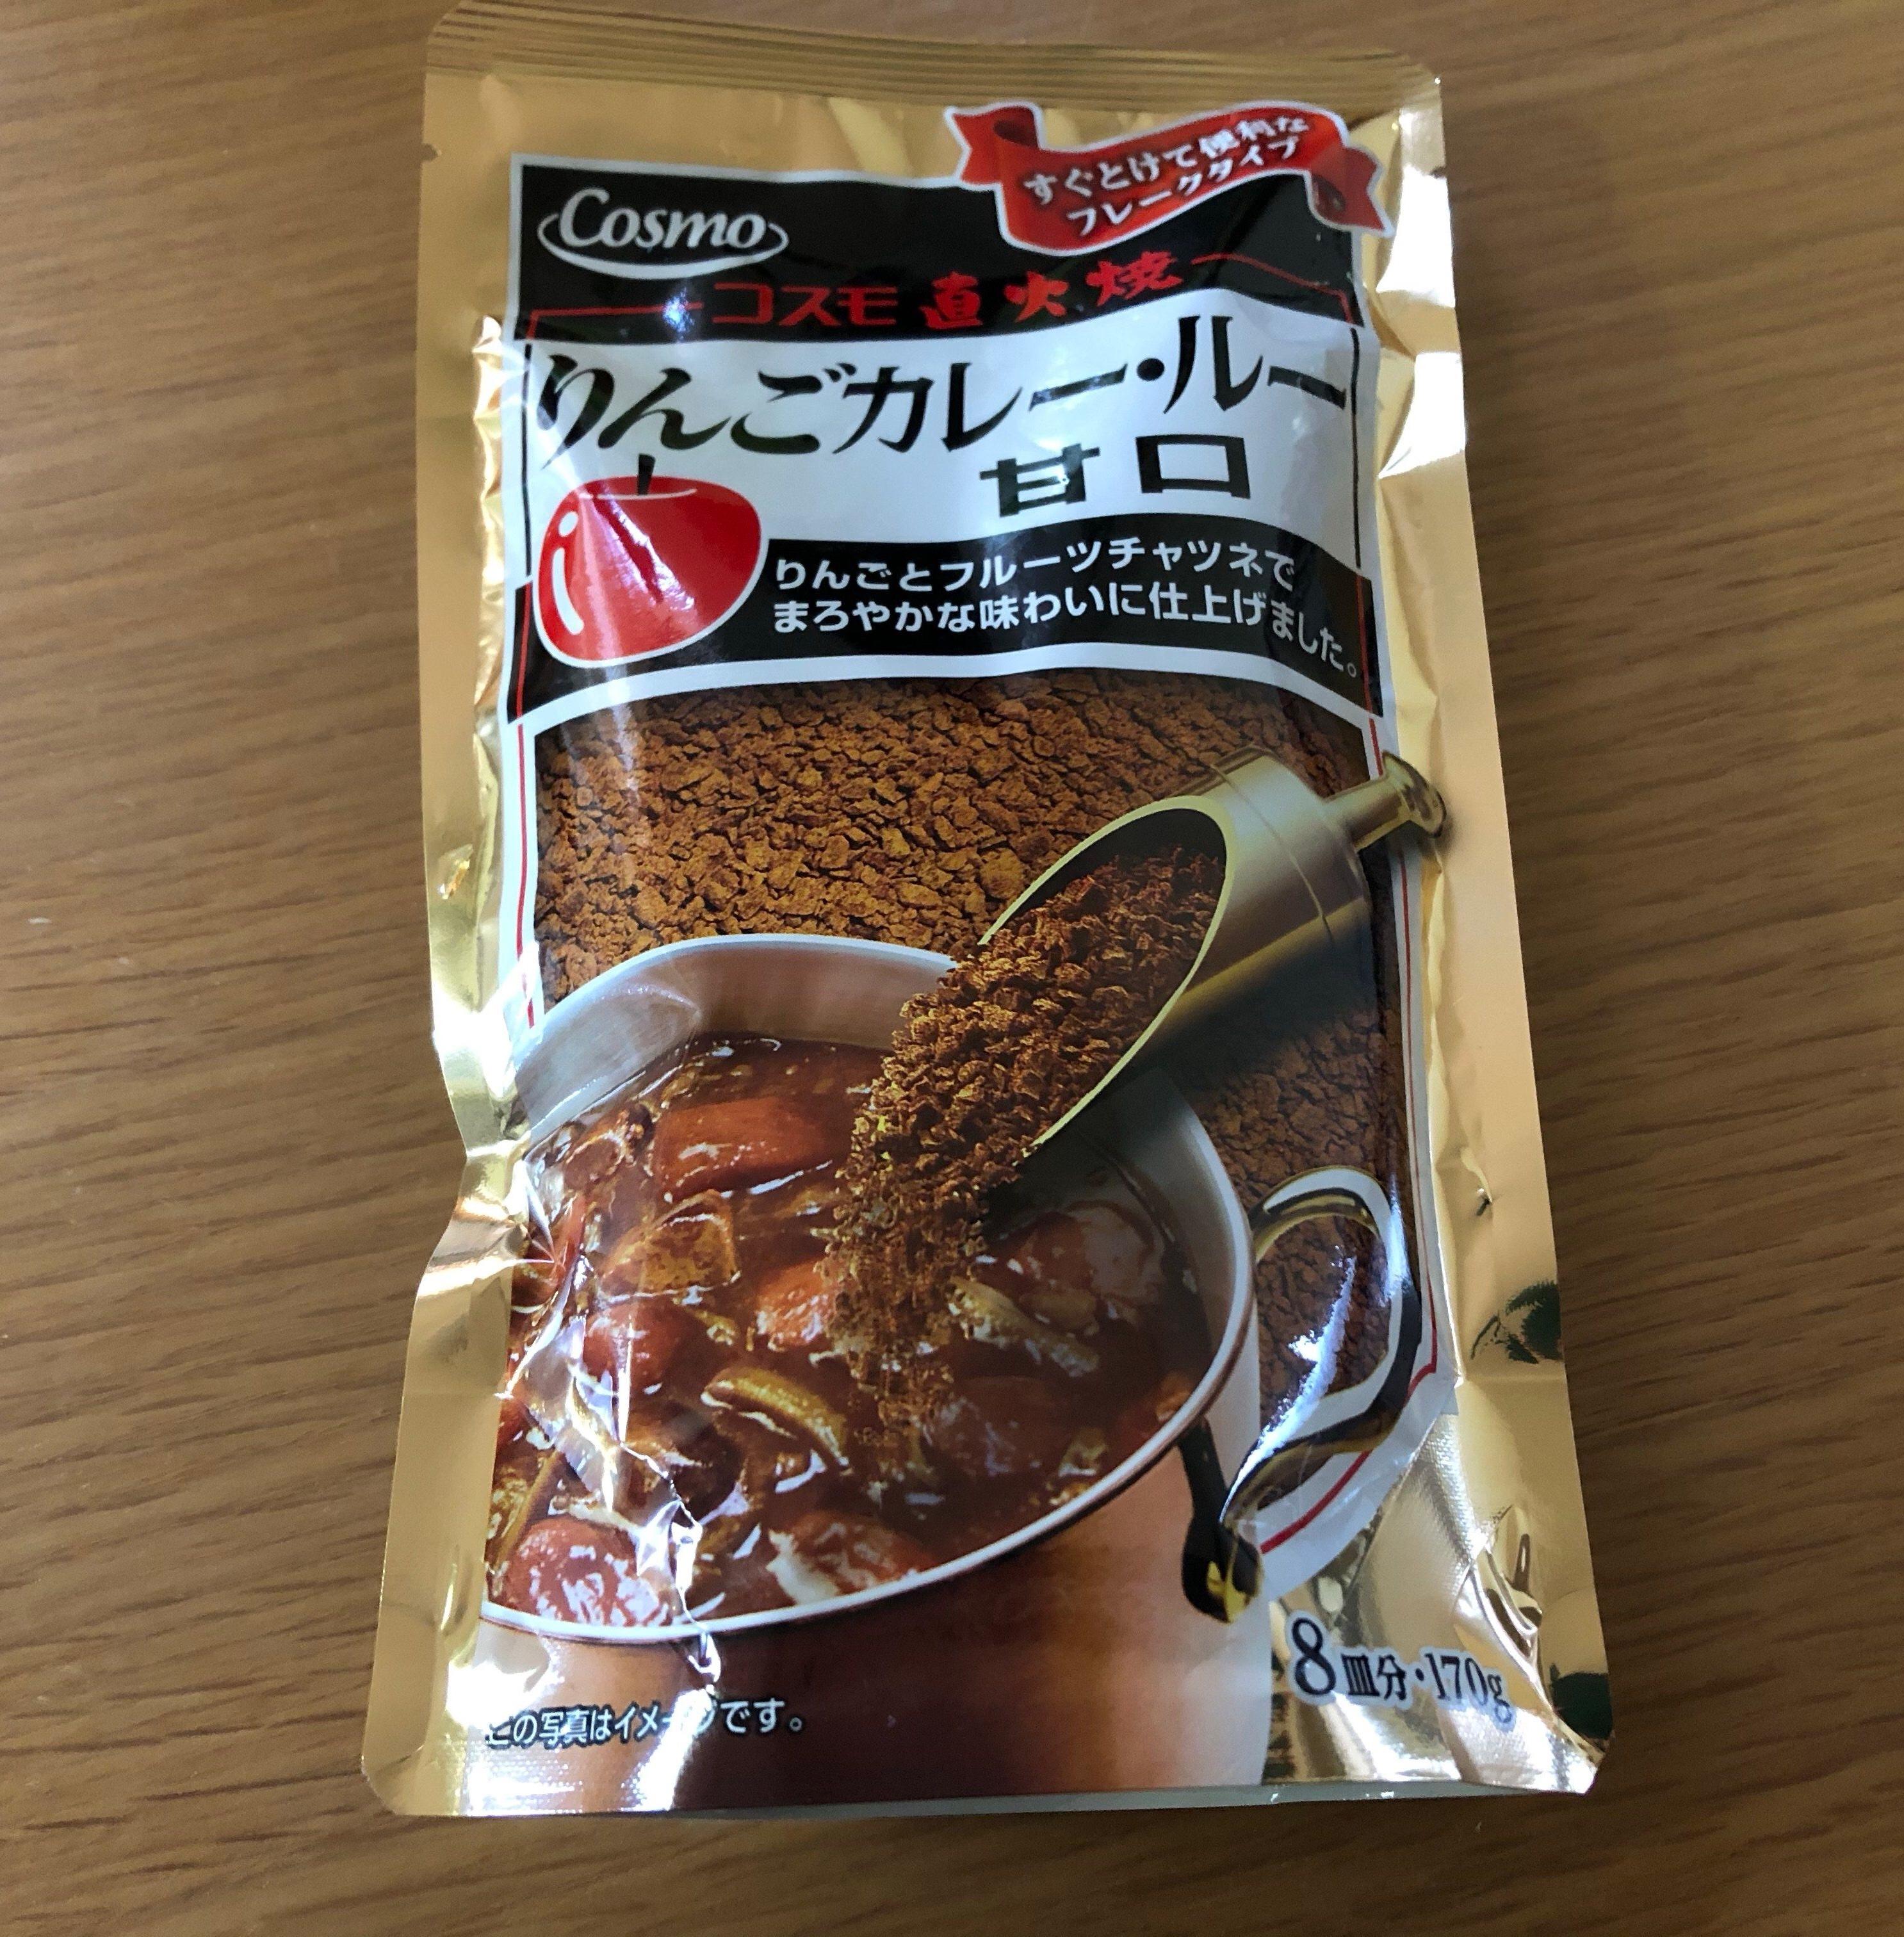 コスモ直火焼カレー